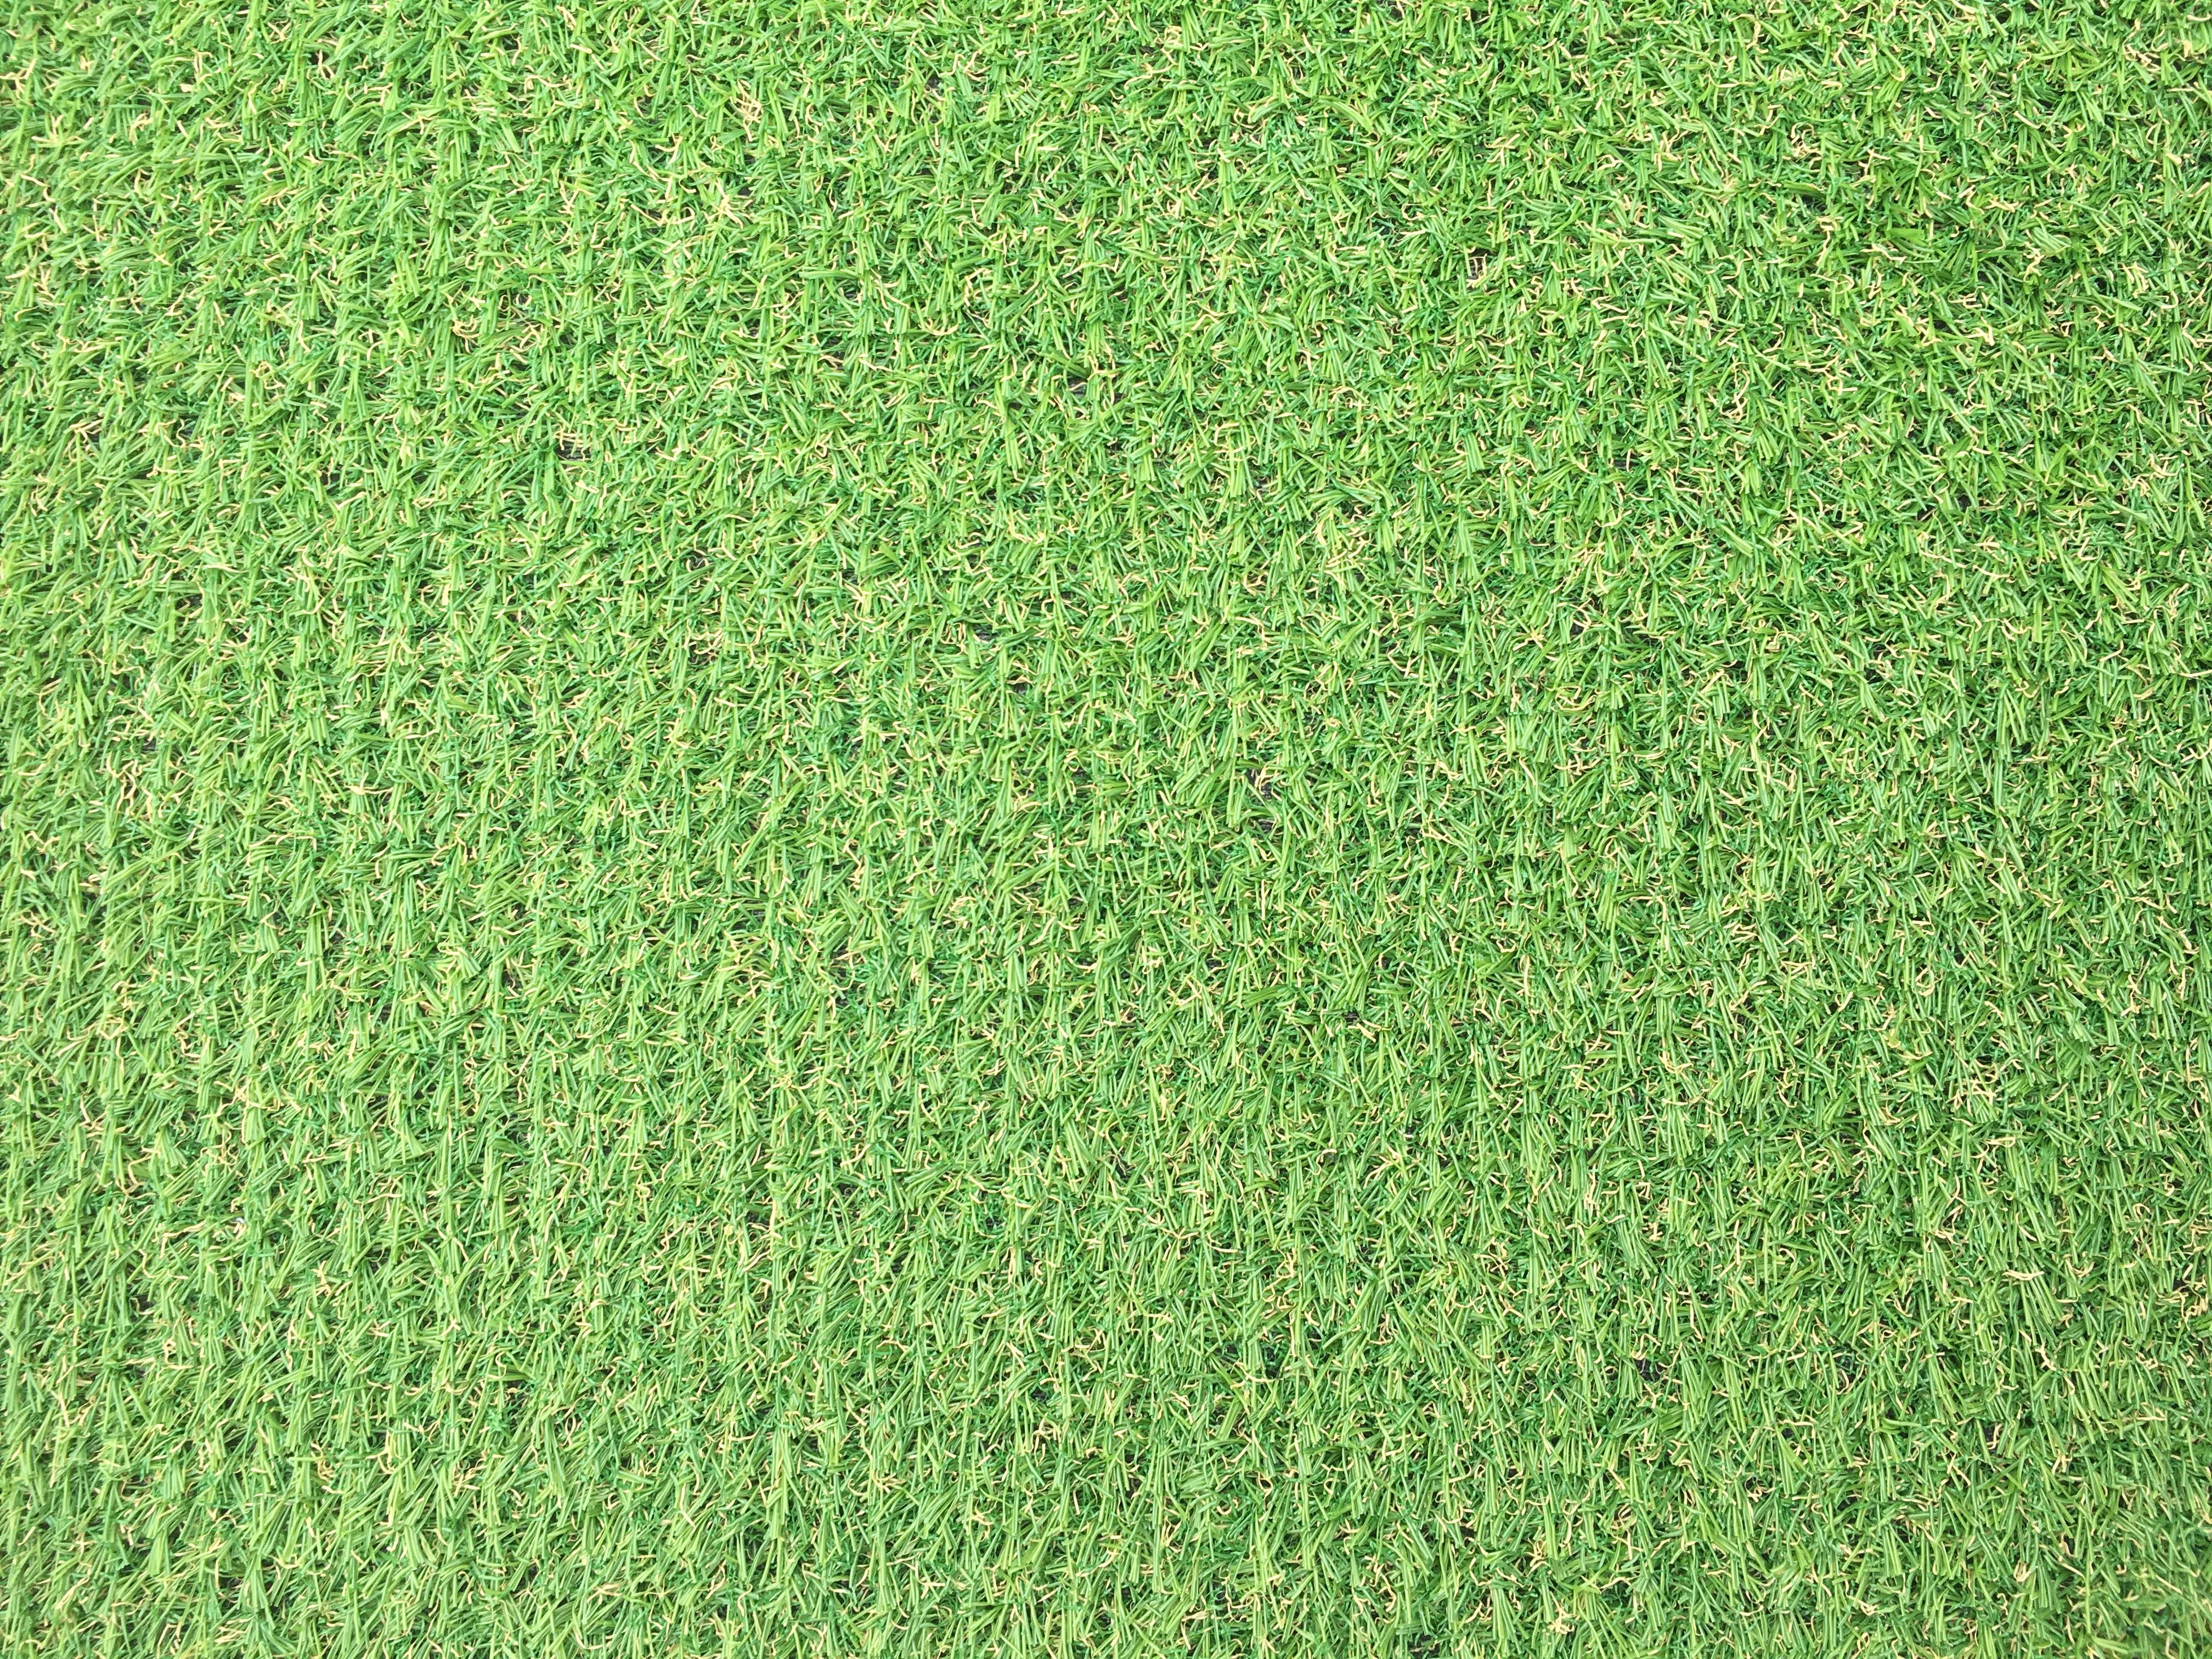 Covor Iarba Artificiala, Tip Gazon, Verde, Natura, 100% Polipropilena, 10 mm, 200x400 cm 0